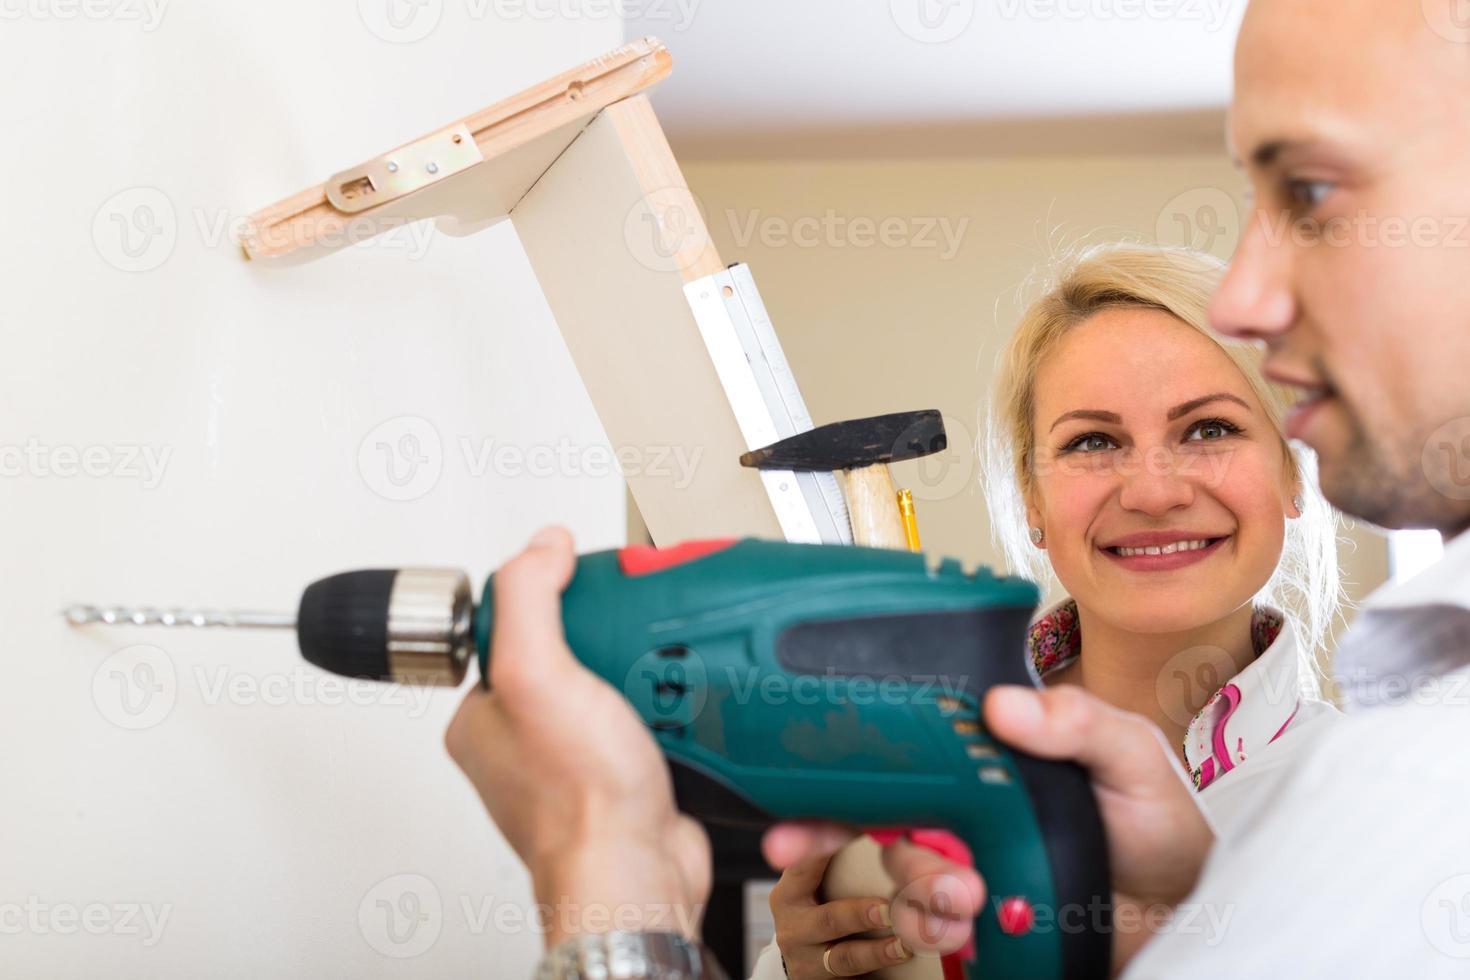 la famiglia effettua riparazioni a casa foto